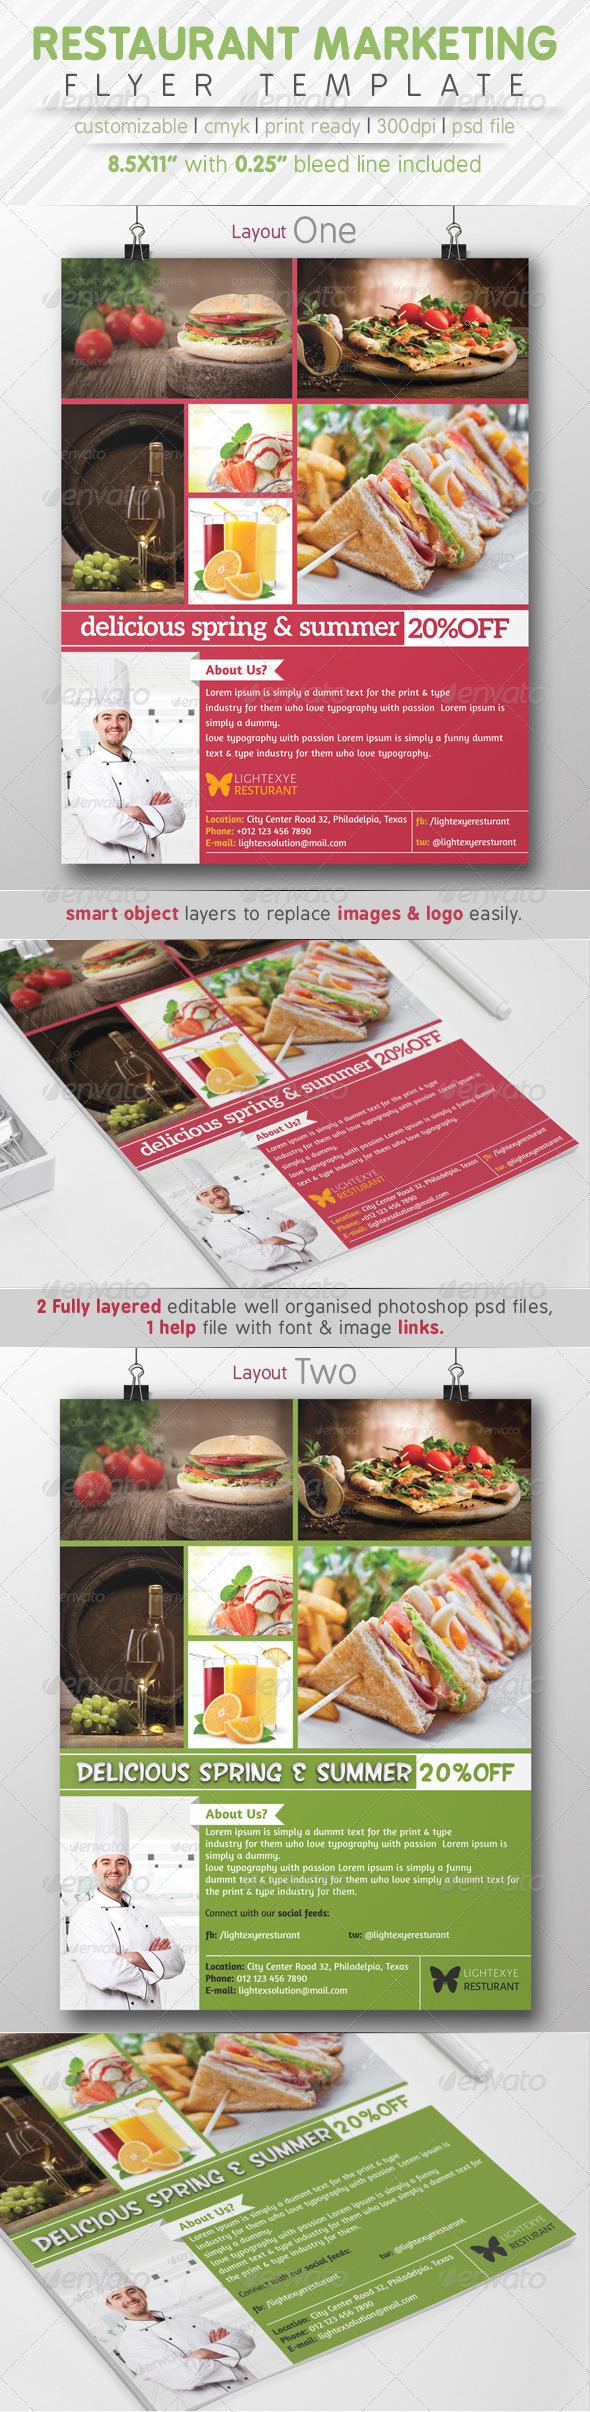 Restaurant Marketting Flyer Ads